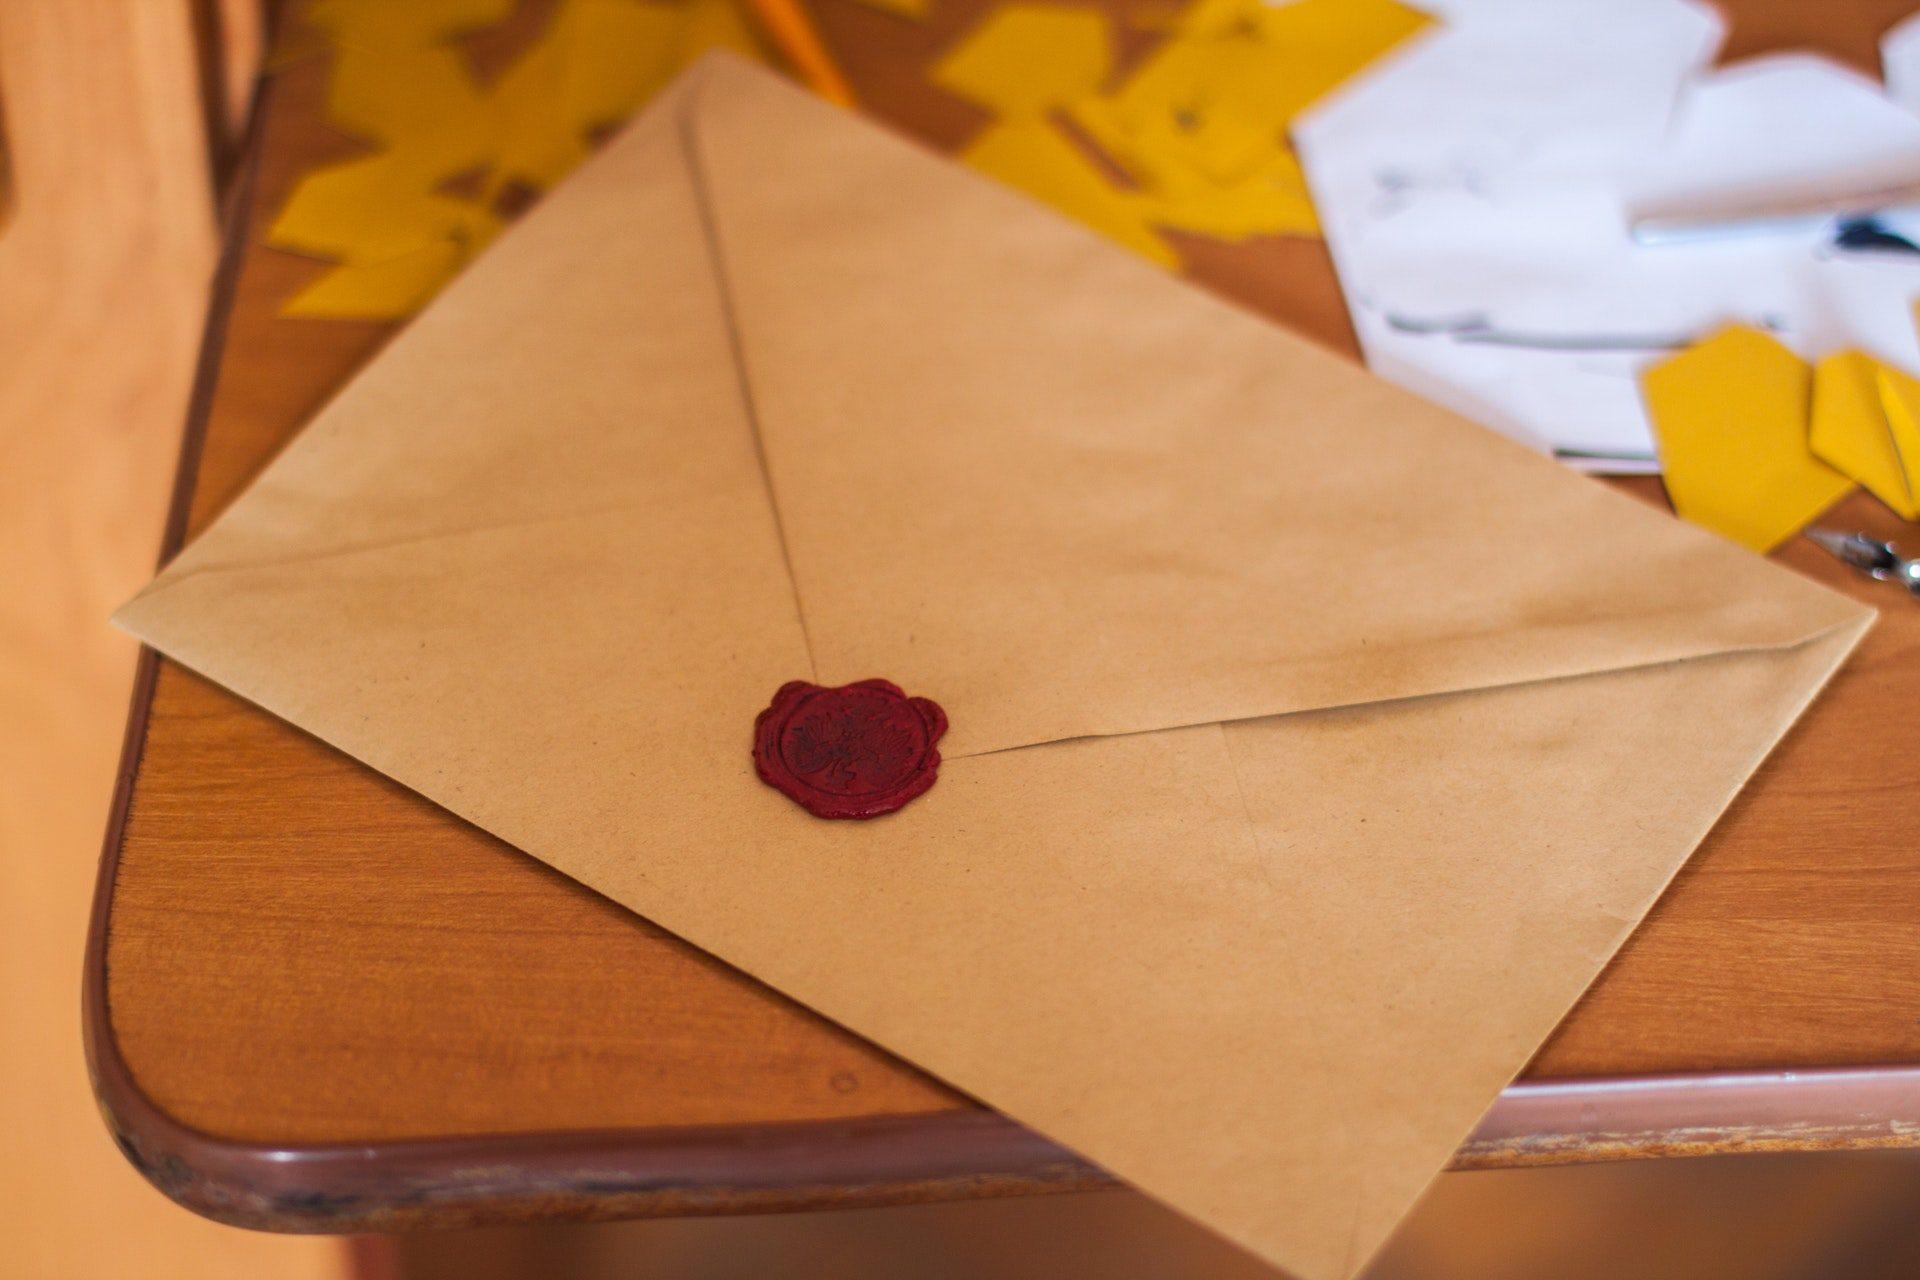 maile zachęcające do zakupu